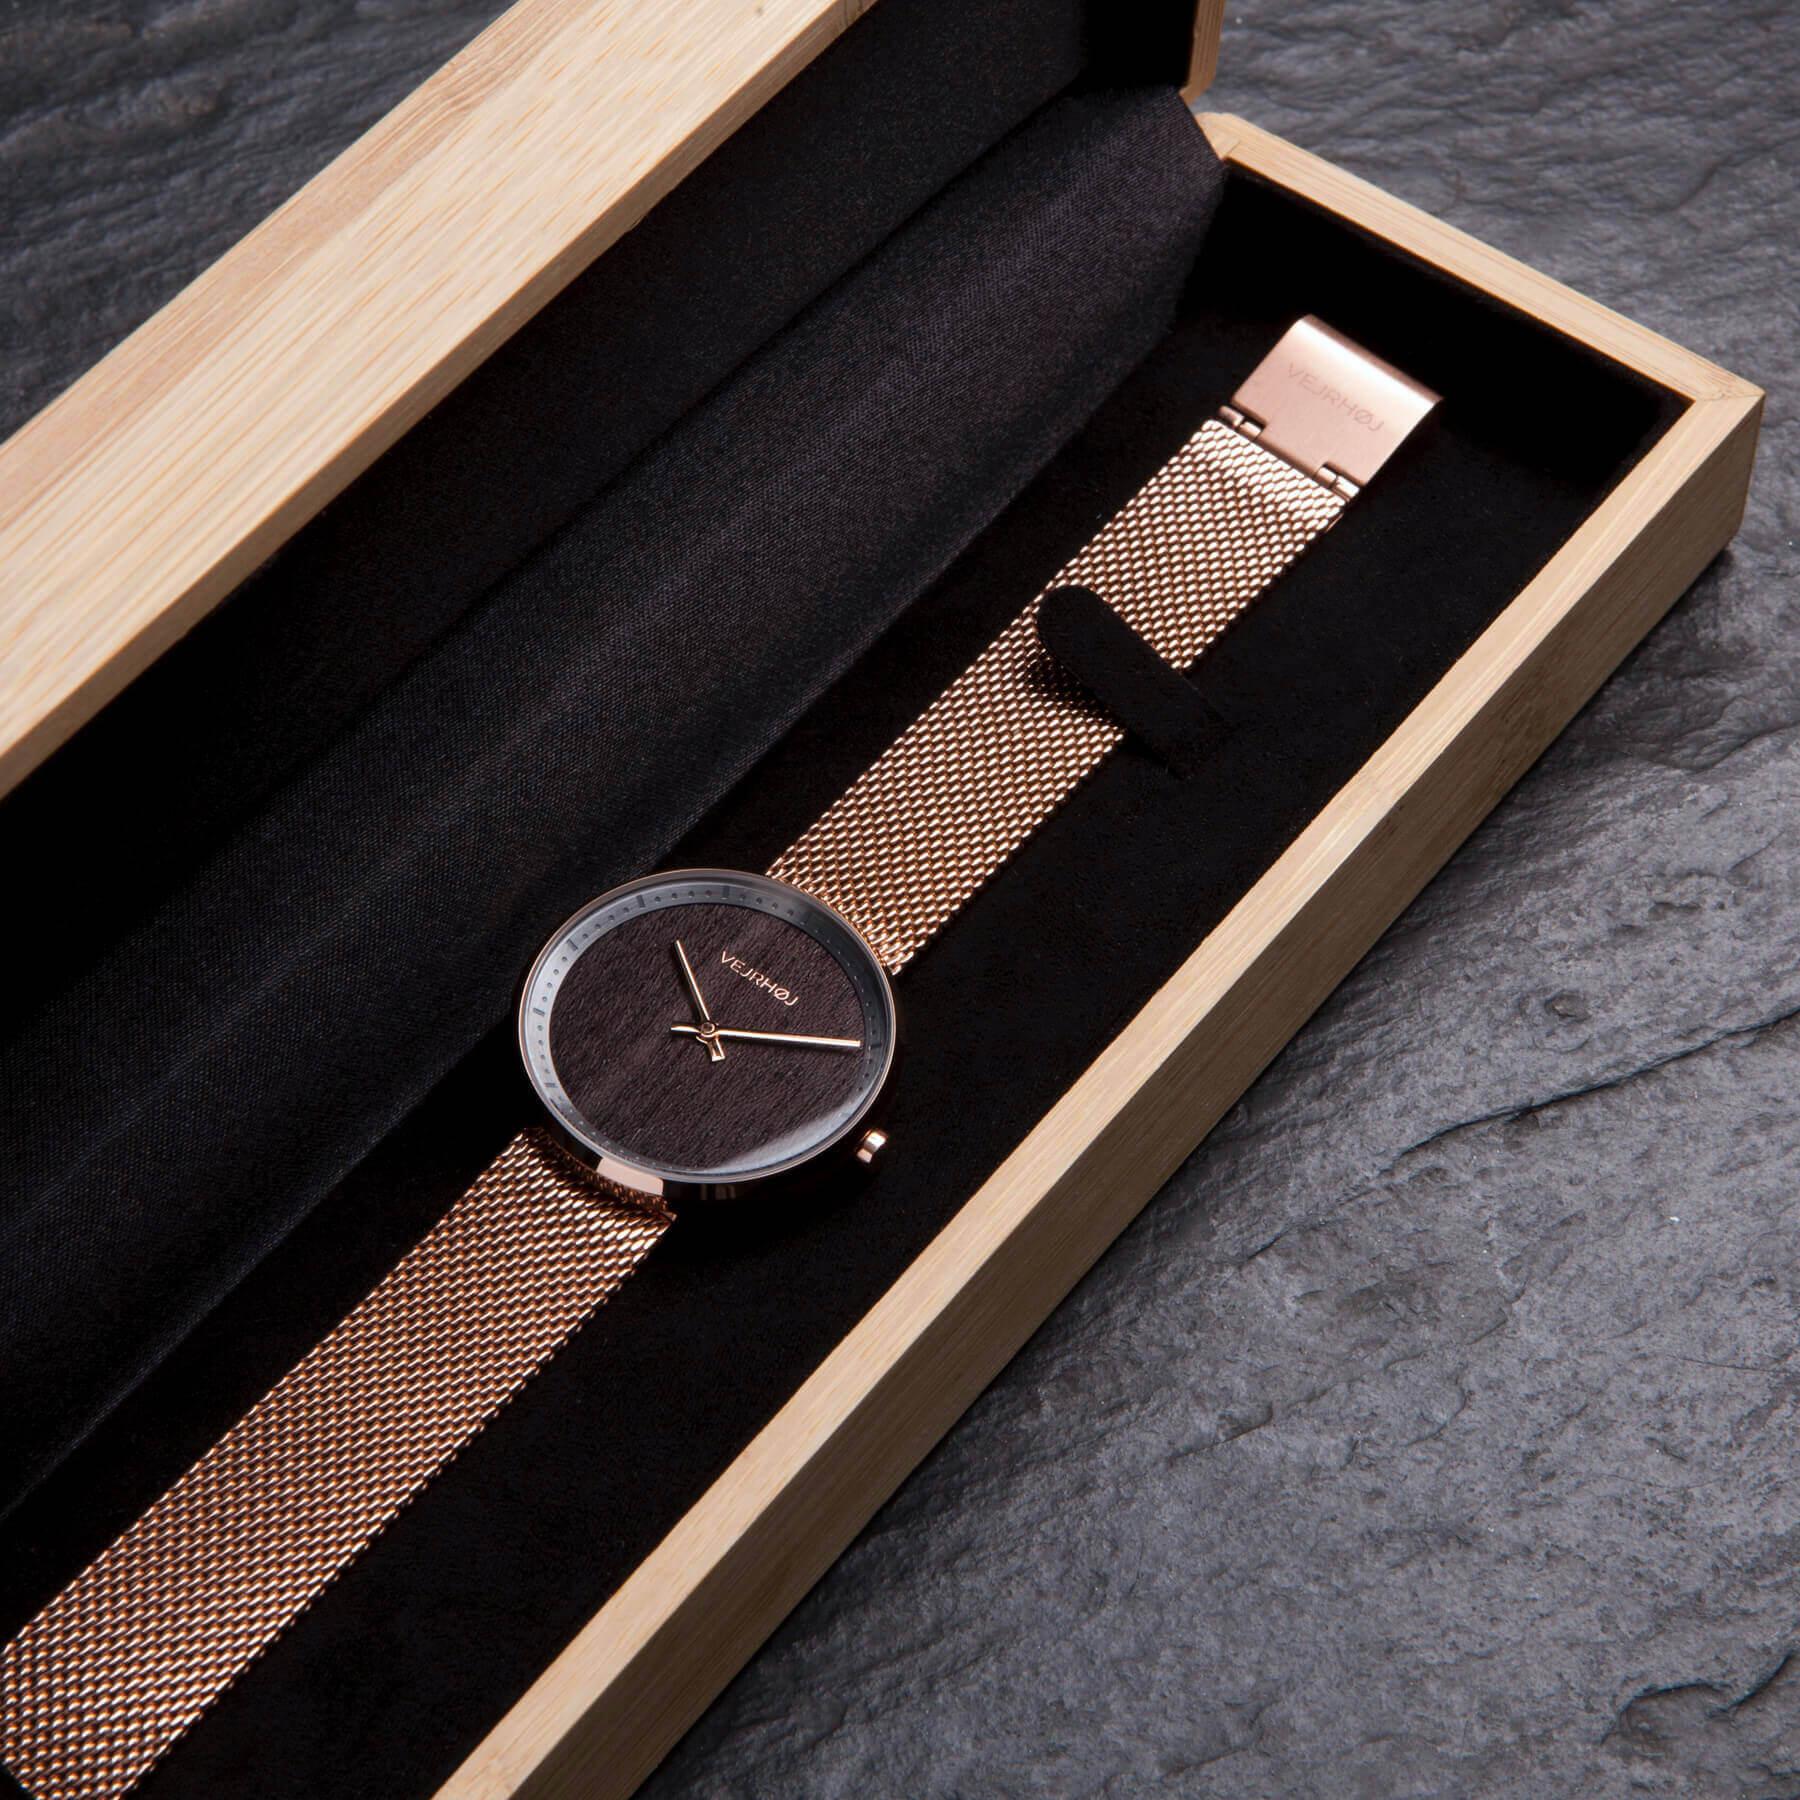 CONCOURS : Gagnez votre montre STELLA de chez VEJRHØJ